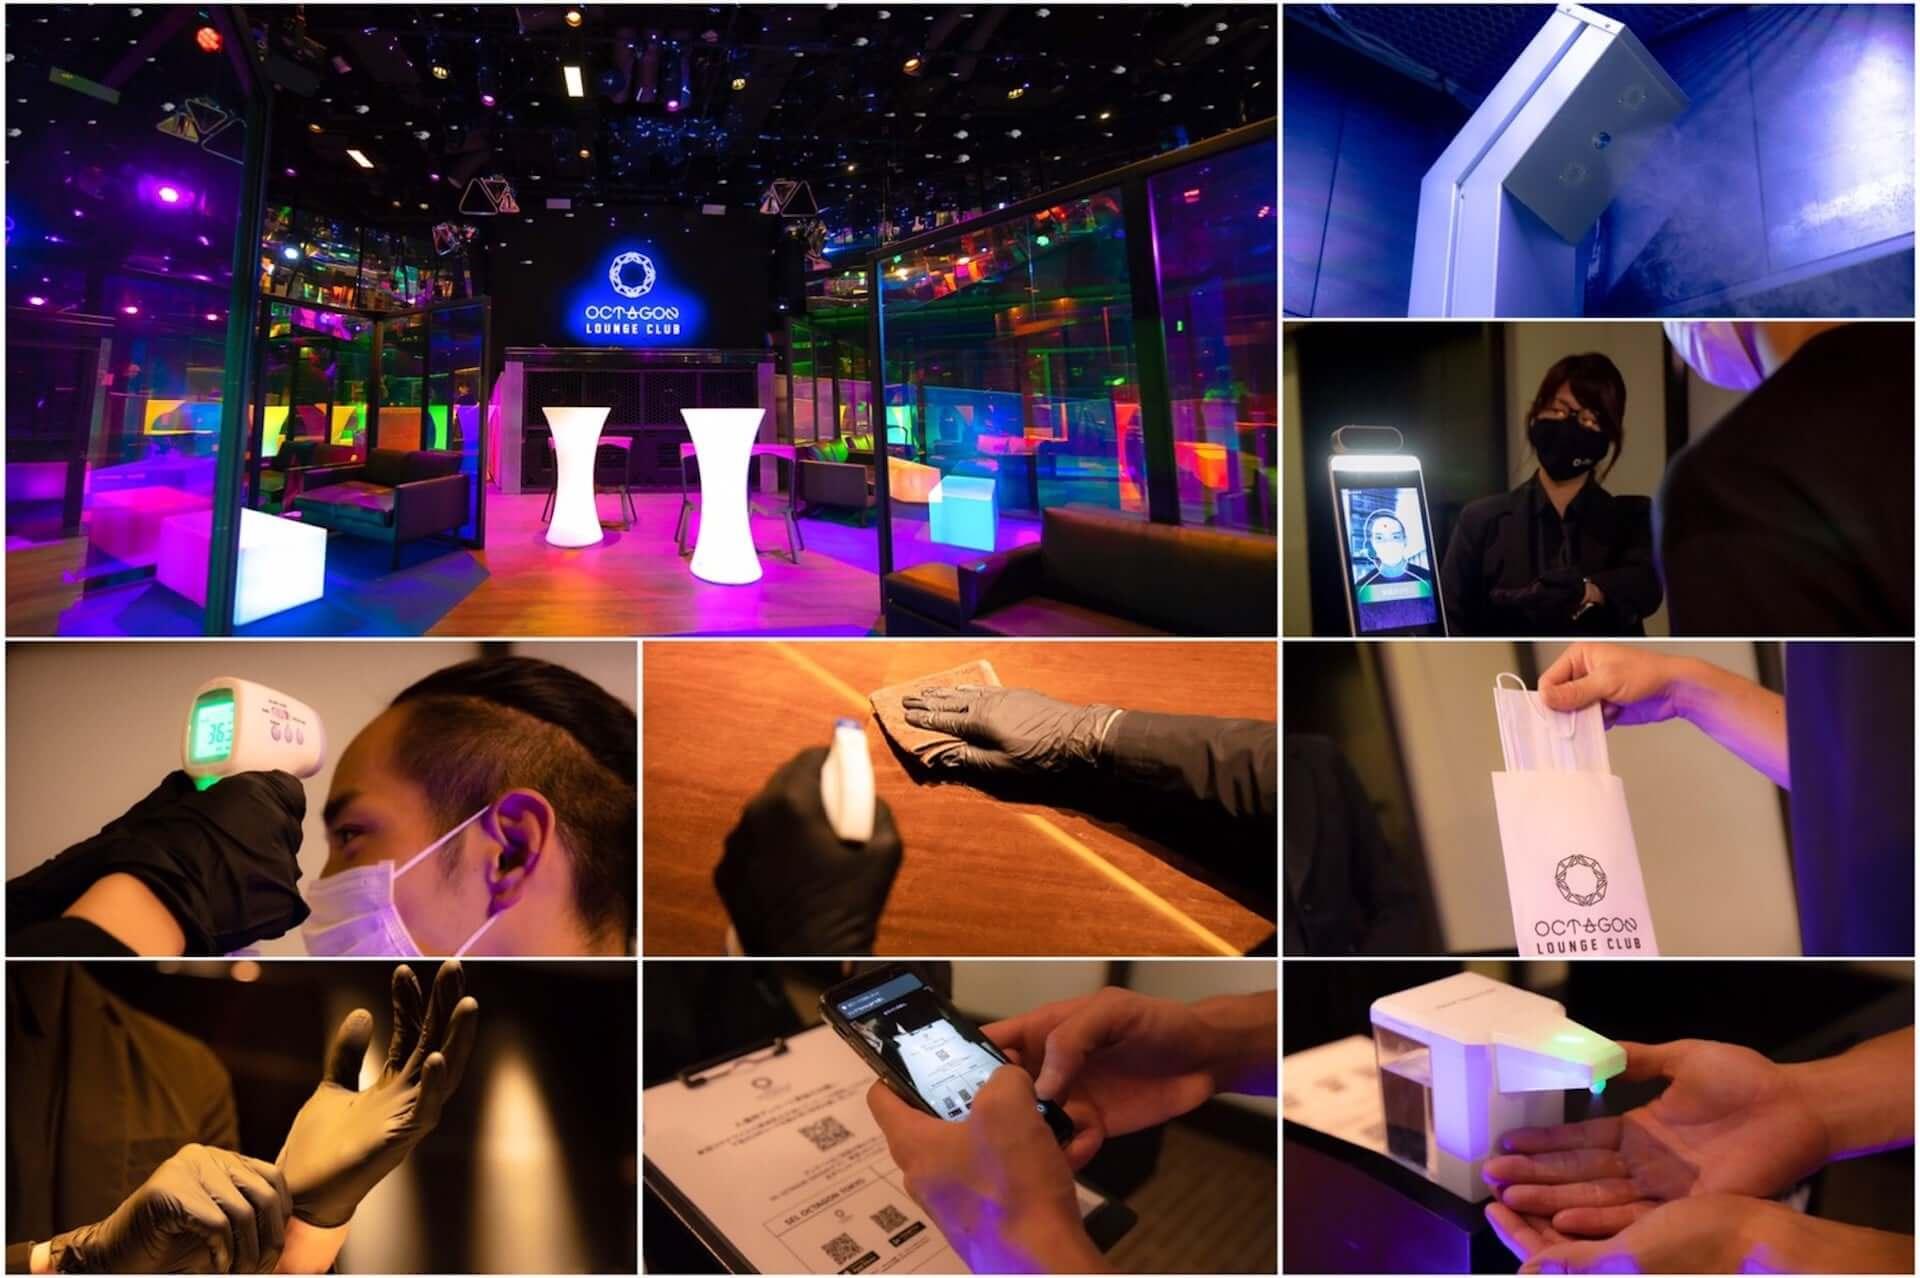 六本木「SEL OCTAGON TOKYO」が日本初のラウンジクラブとしてリニューアルオープン!個室感覚の新たなナイトライフを提案 music201006_sel-octagon-tokyo_17-1920x1278